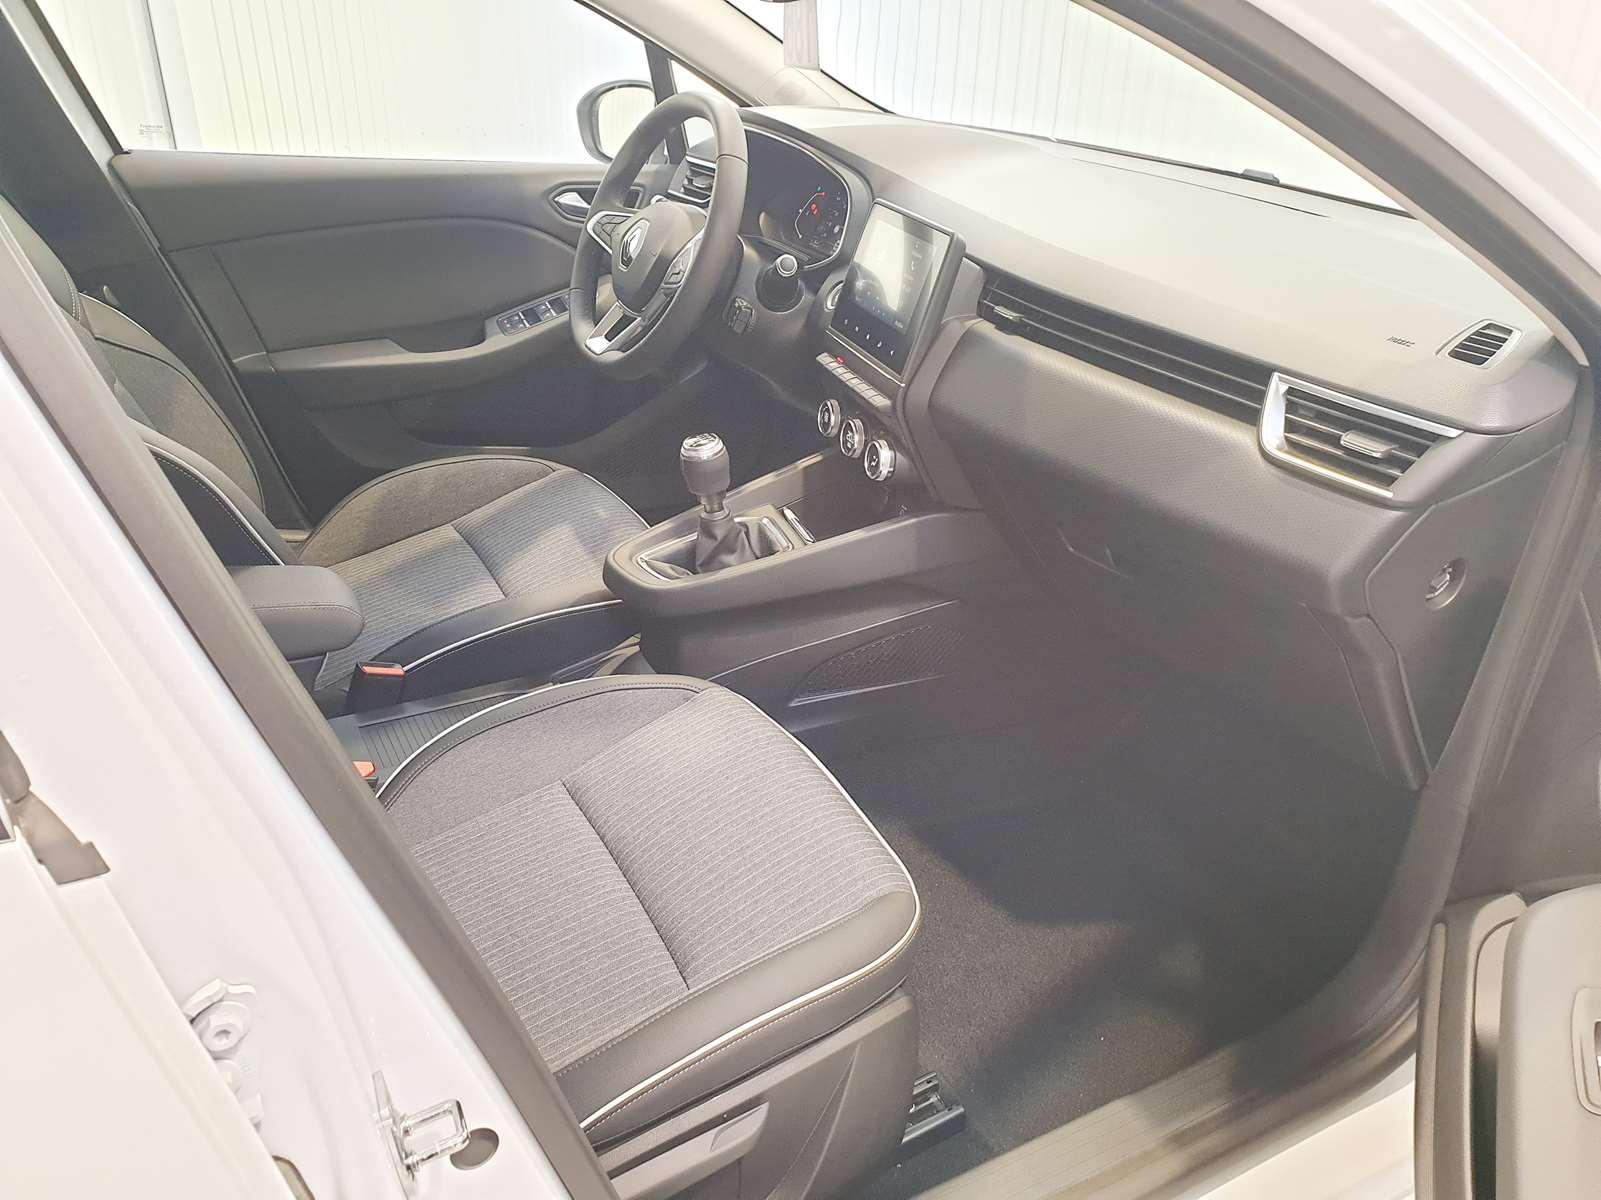 Miniature RENAULT CLIO V Blue dCi 115 Intens CAMERA